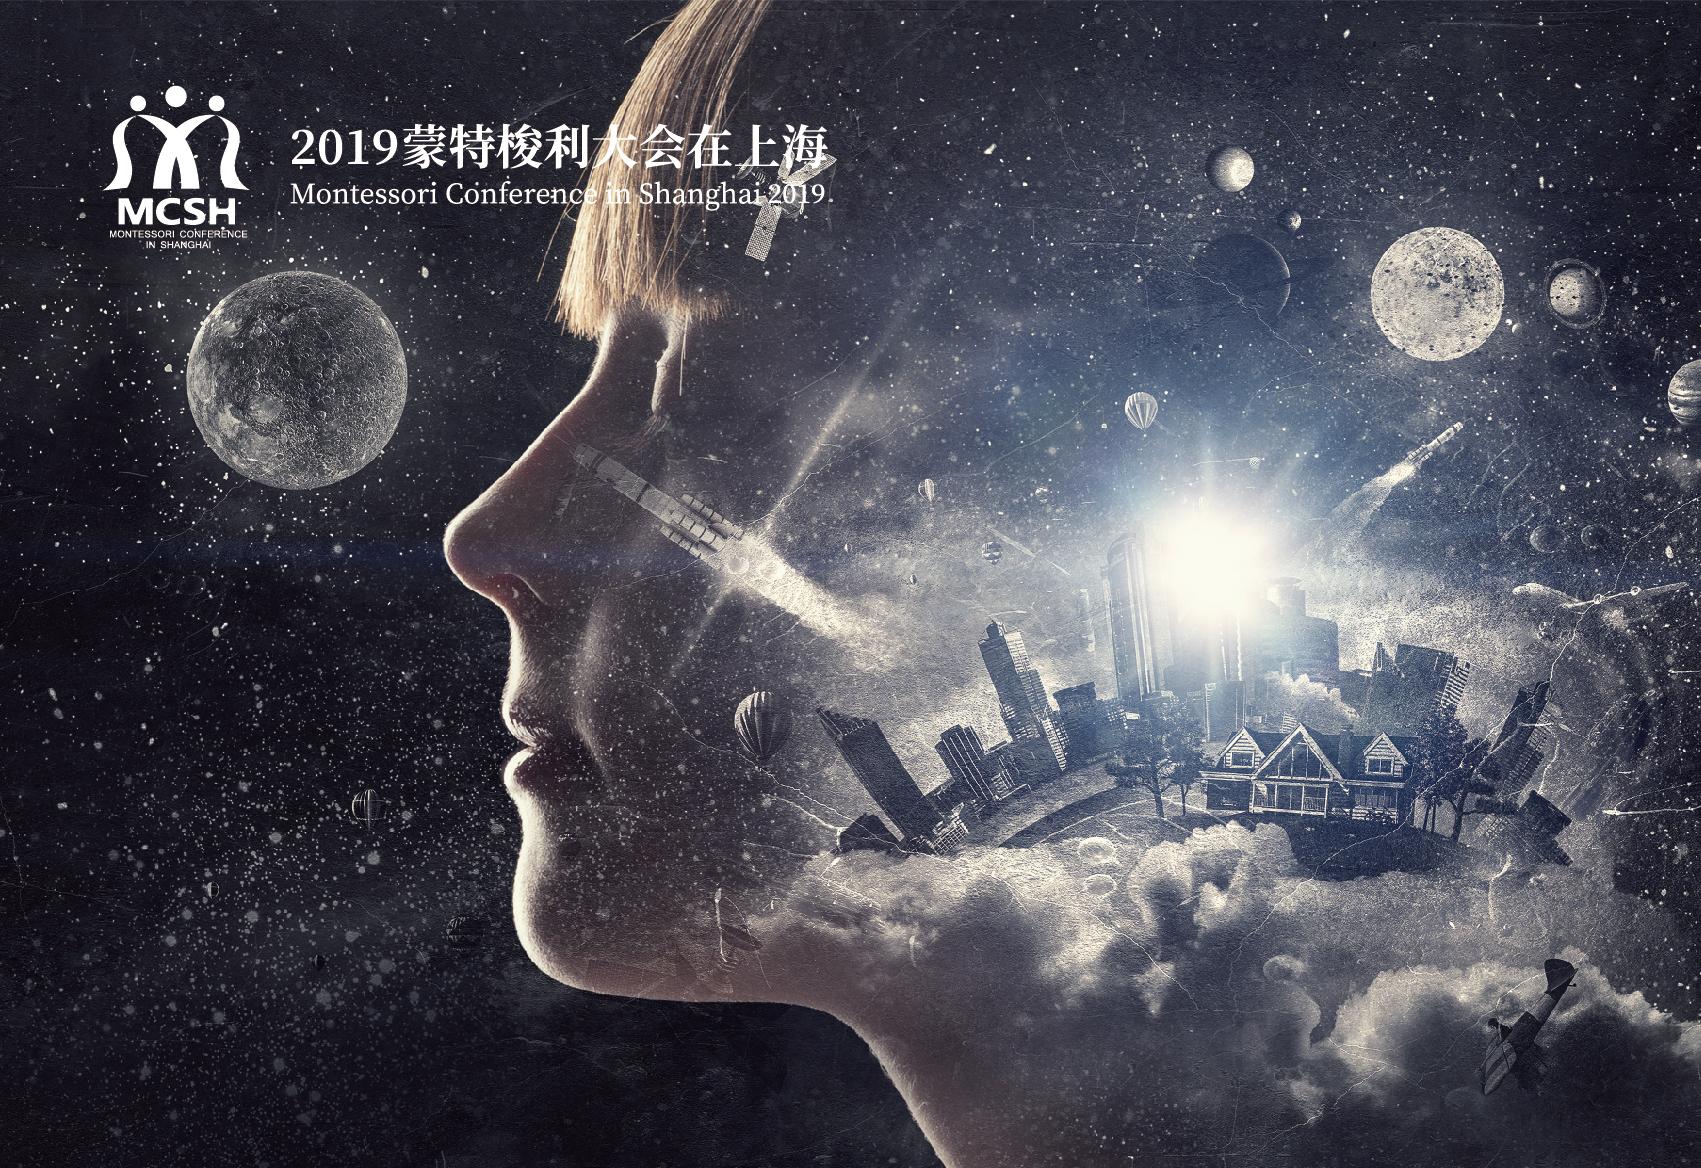 MCSH 2019蒙特梭利大会在上海:宇宙教育